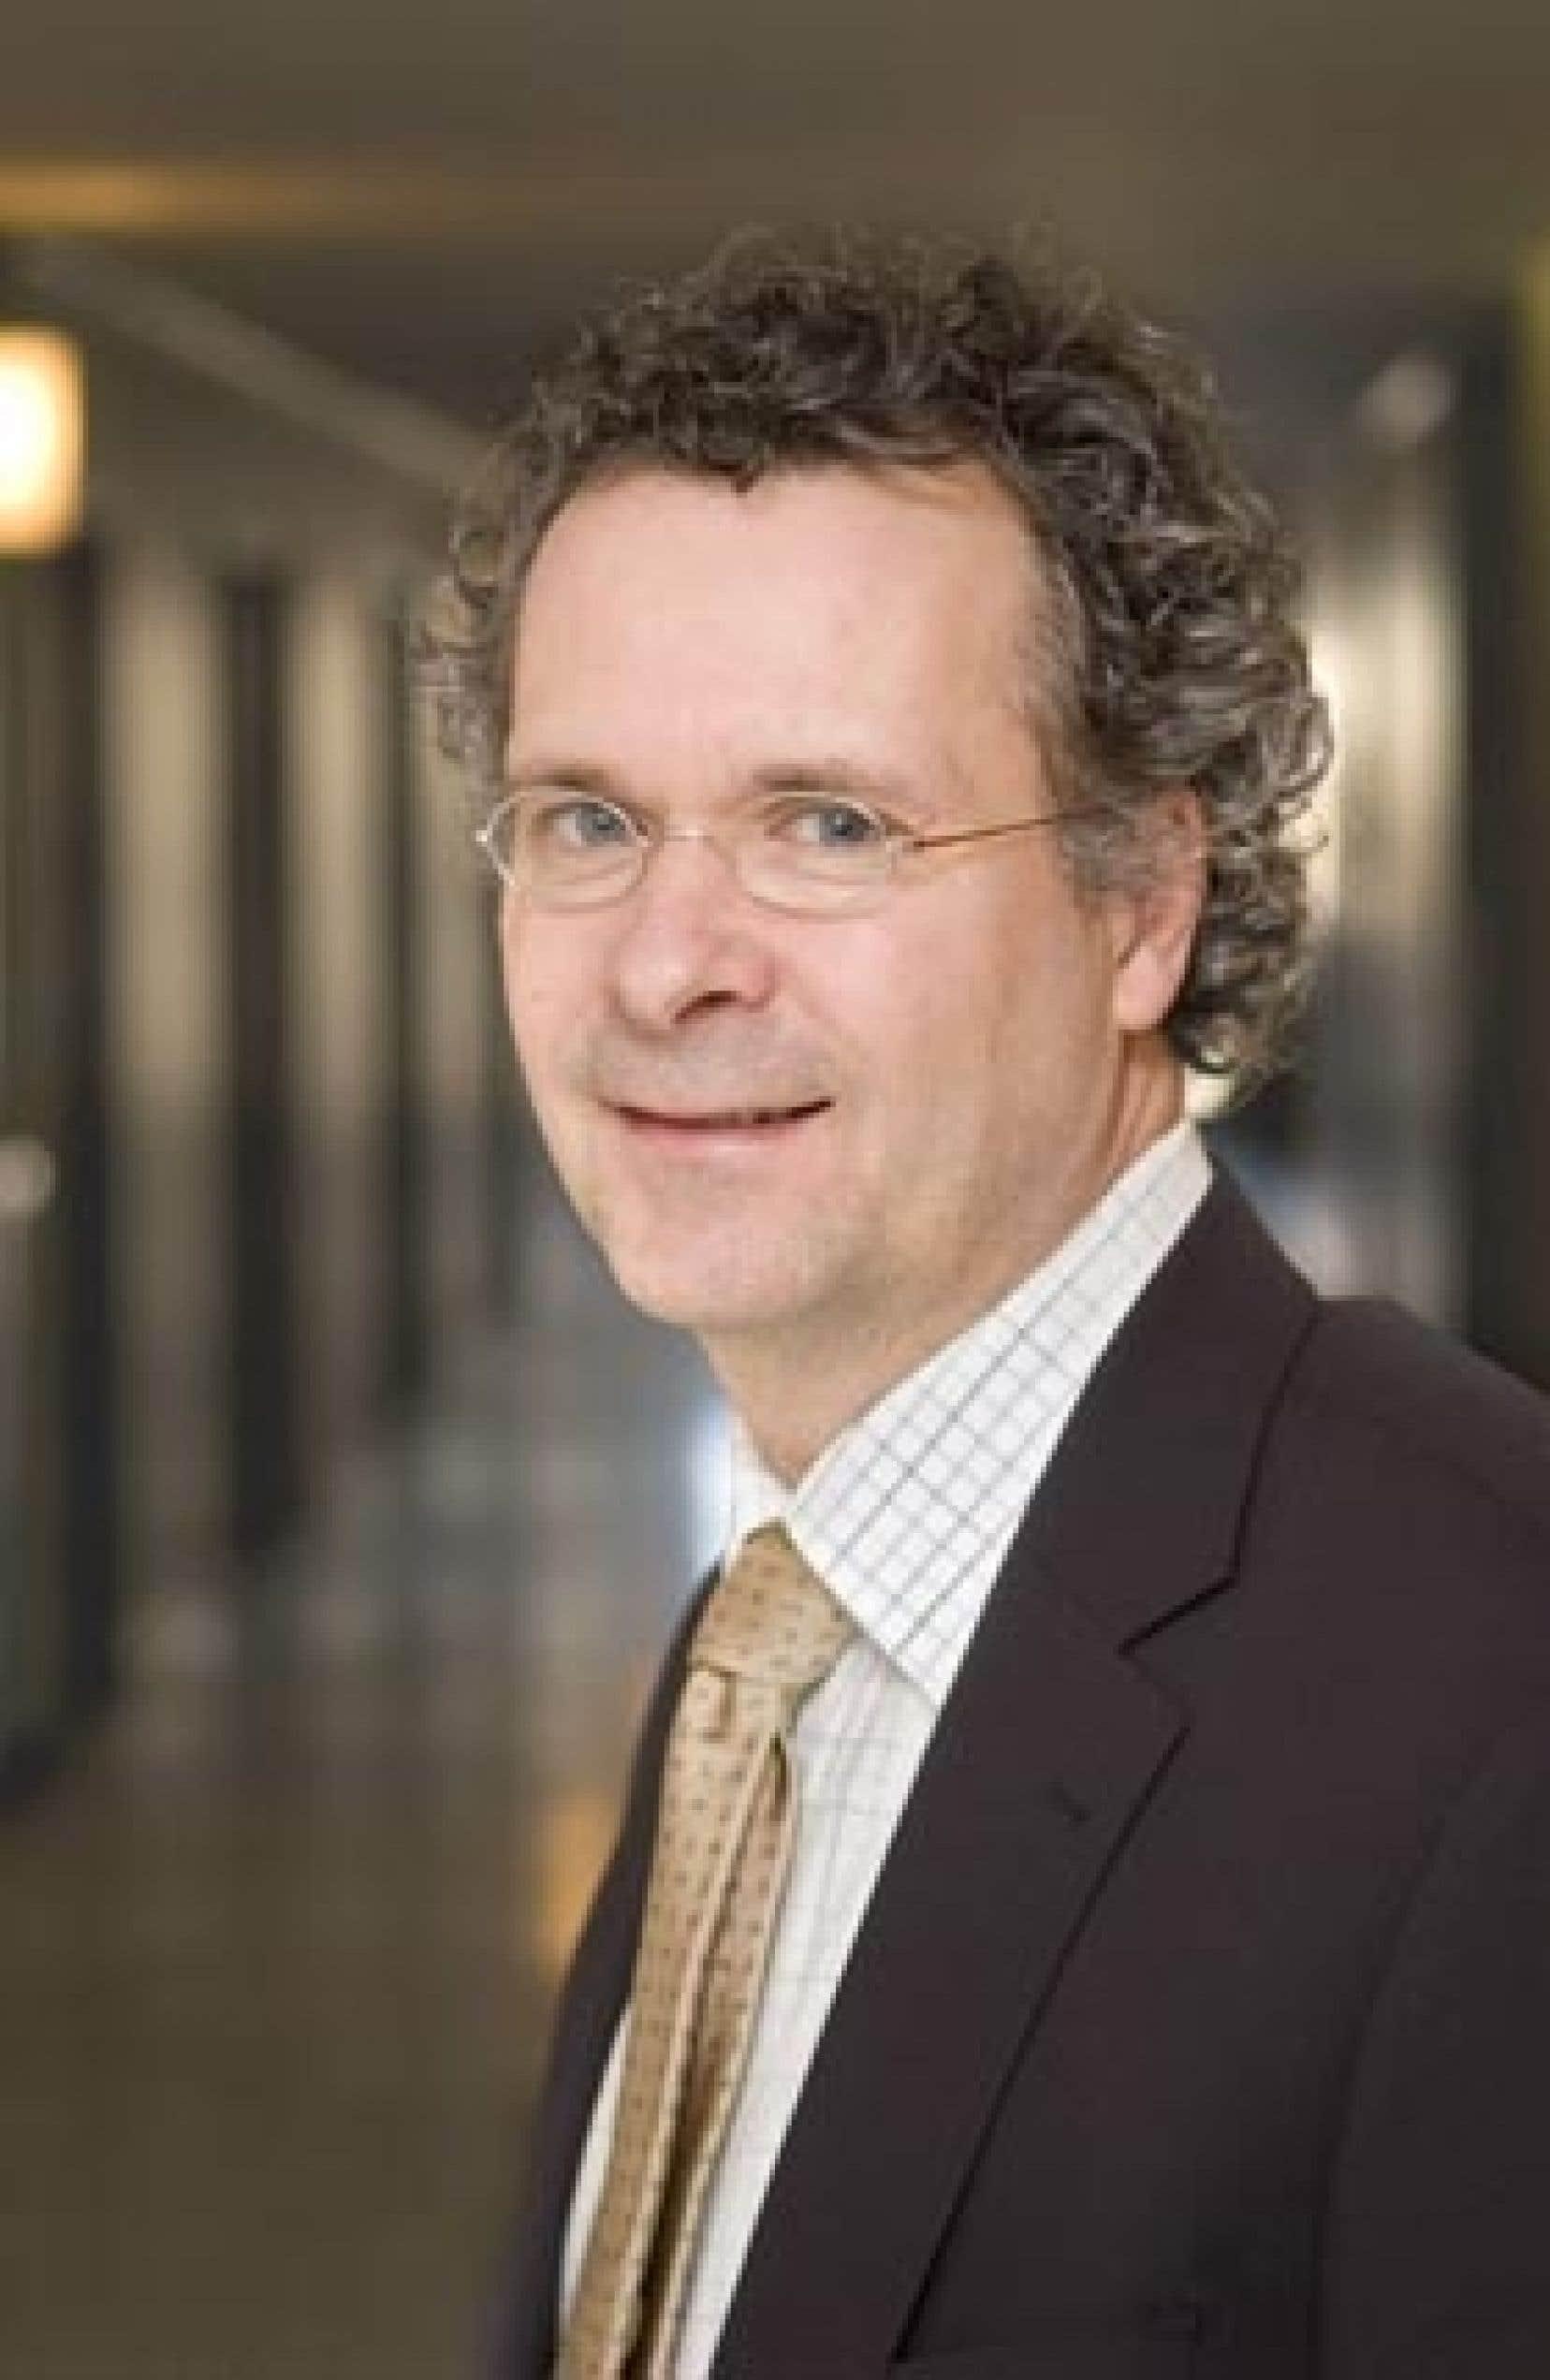 Pierre Noël, doyen de la faculté de théologie, d'éthique et de philosophie de l'Université de Sherbrooke